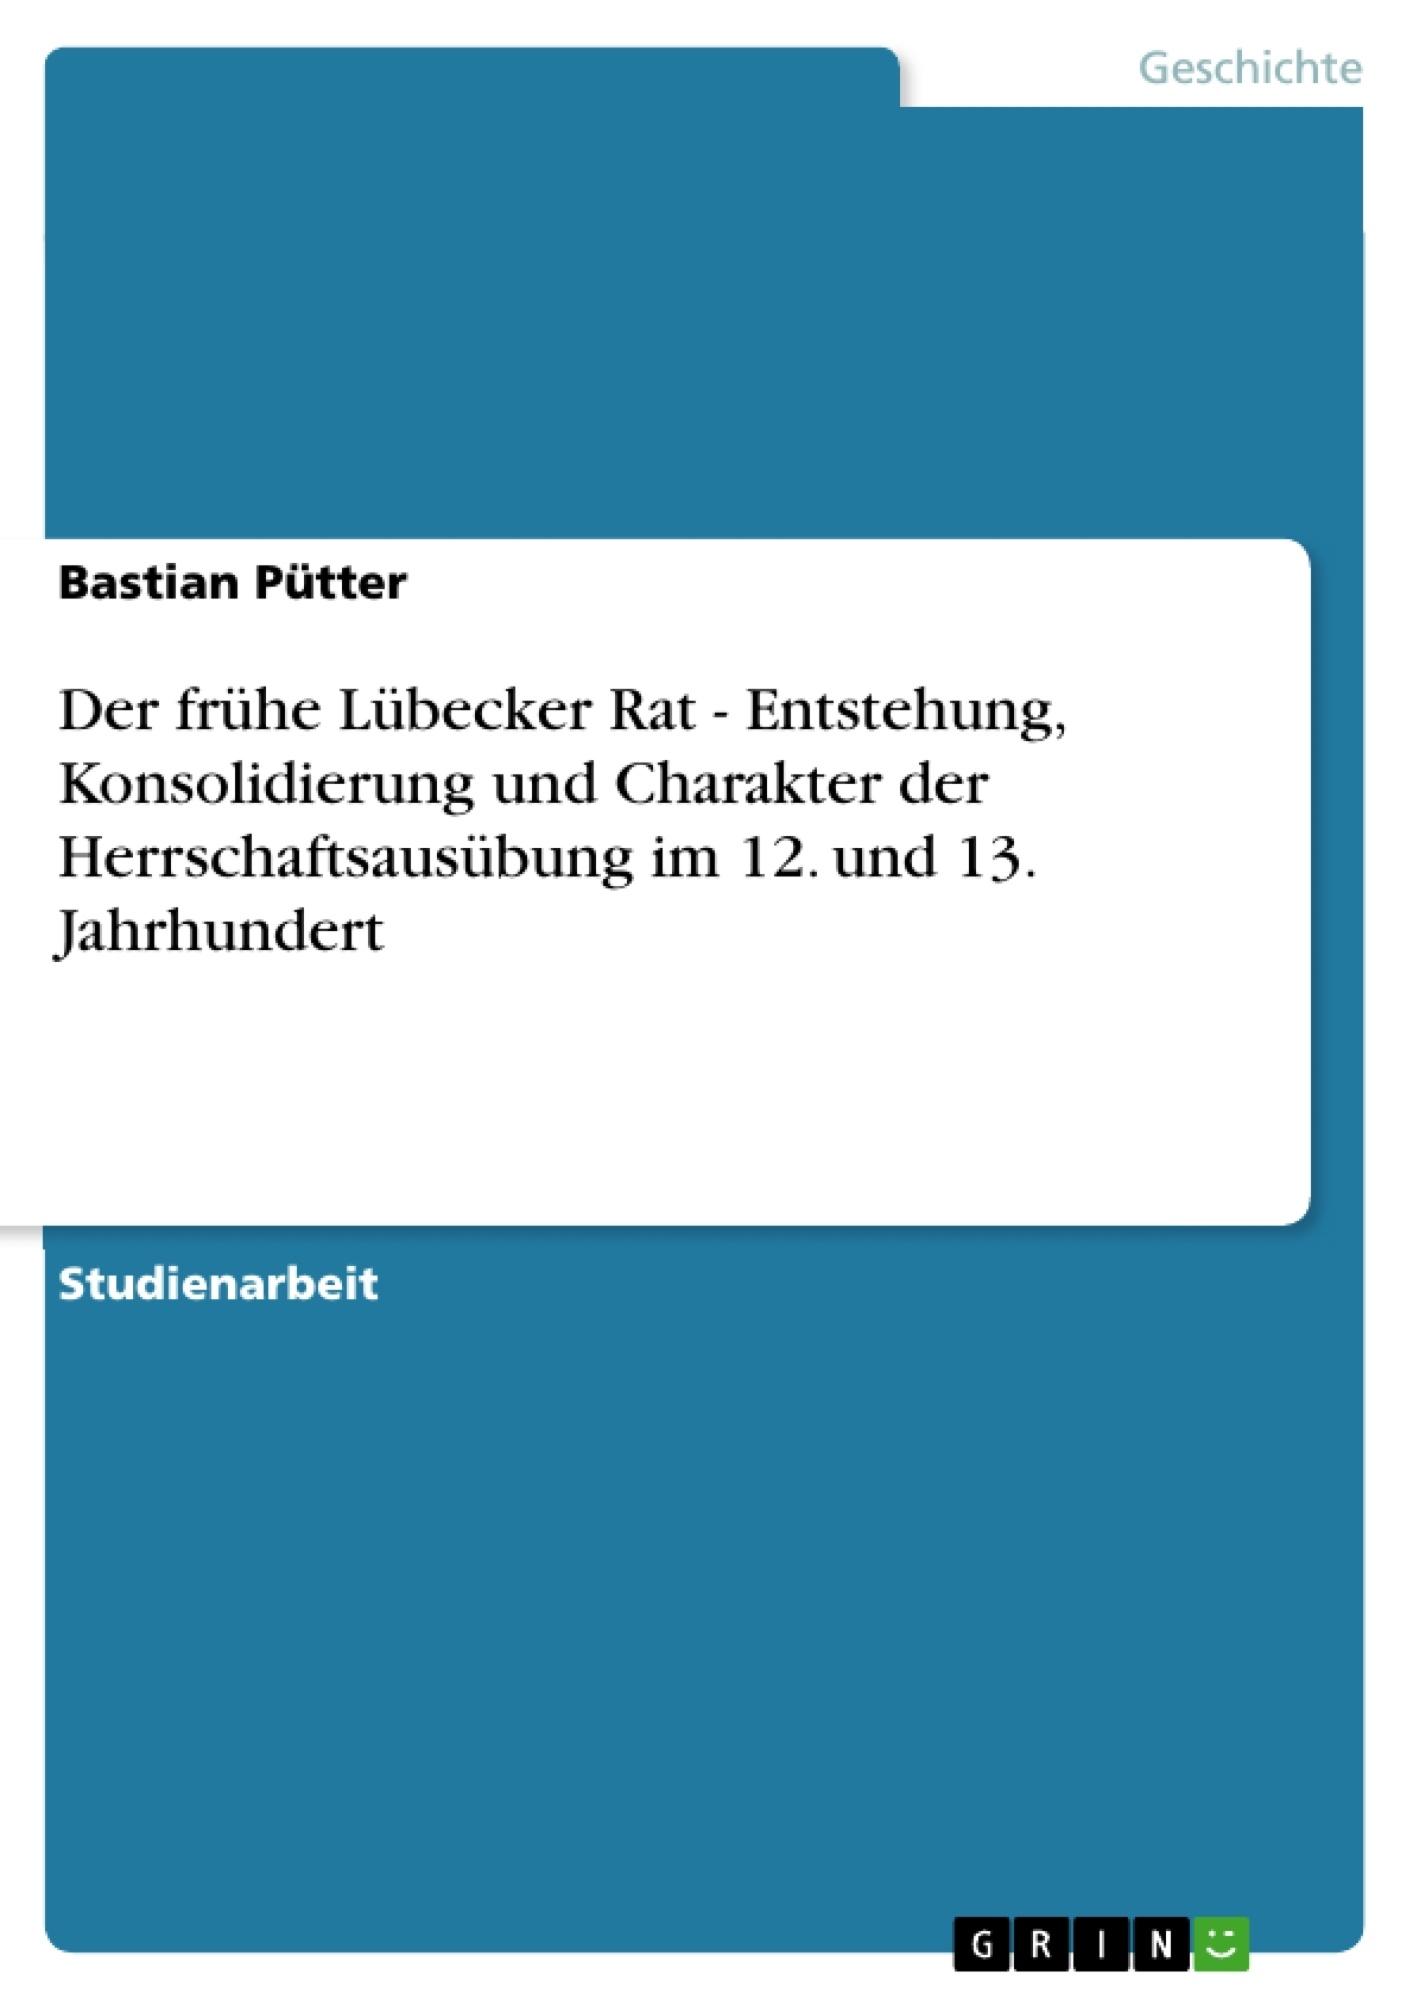 Titel: Der frühe Lübecker Rat - Entstehung, Konsolidierung und Charakter der Herrschaftsausübung im 12. und 13. Jahrhundert